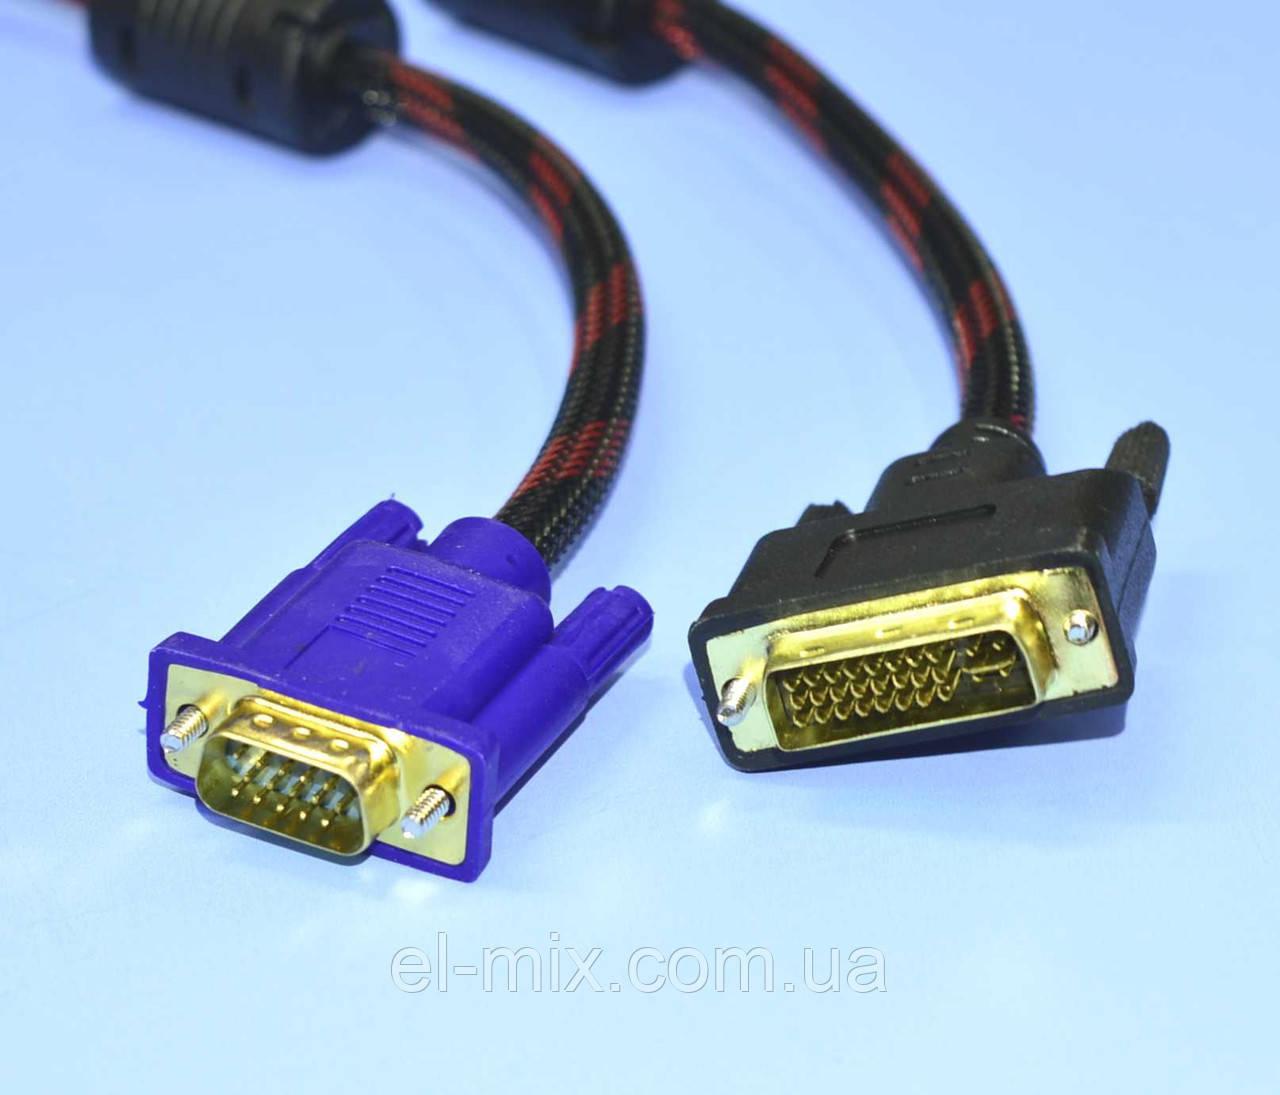 Шнур шт. DVI - шт. VGA чорний 1.5 м 5-0580